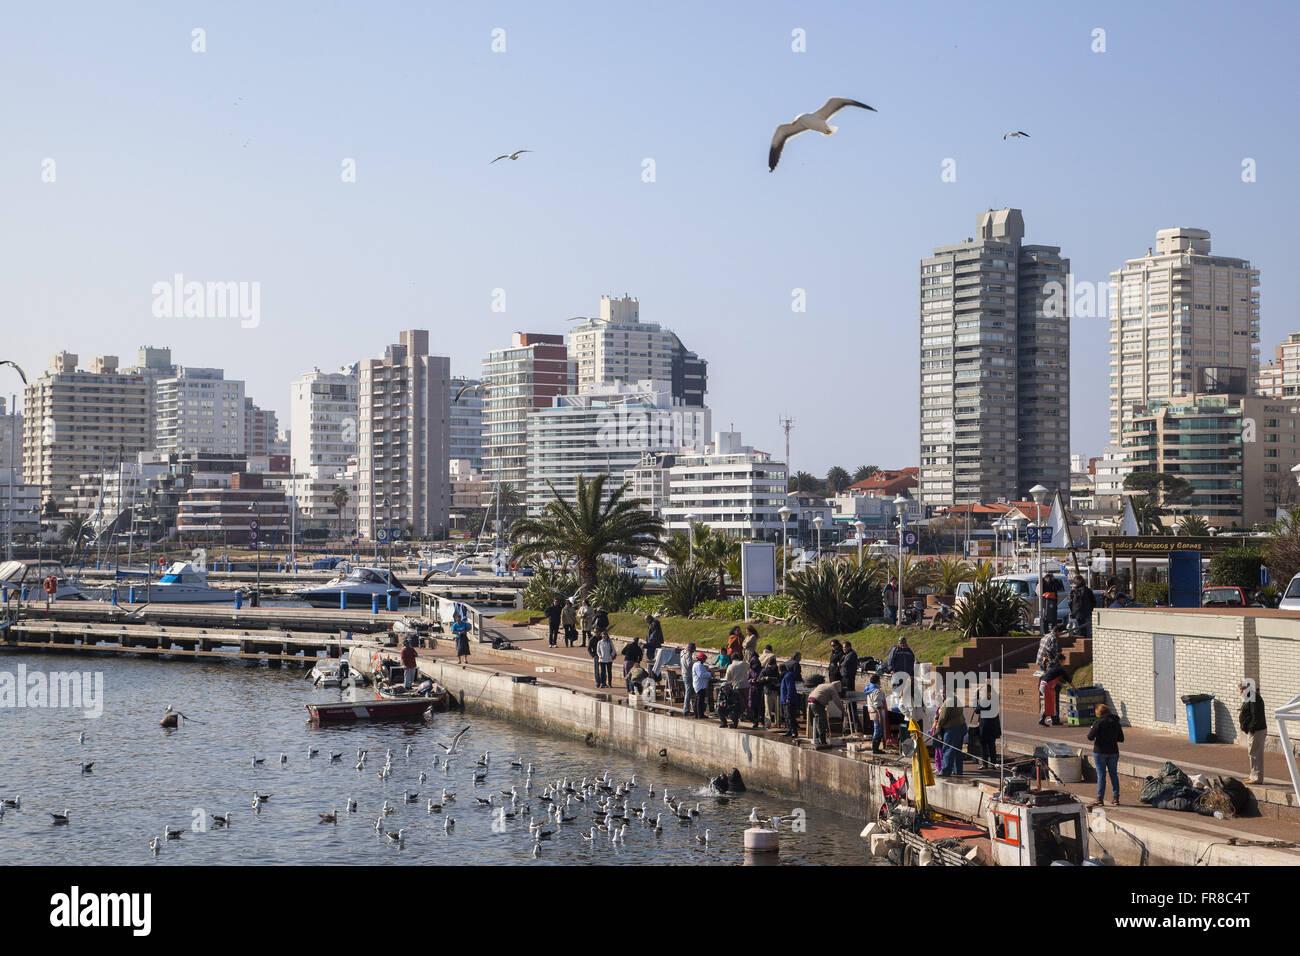 Port Nuestra Senora de la Candelaria - Stock Image